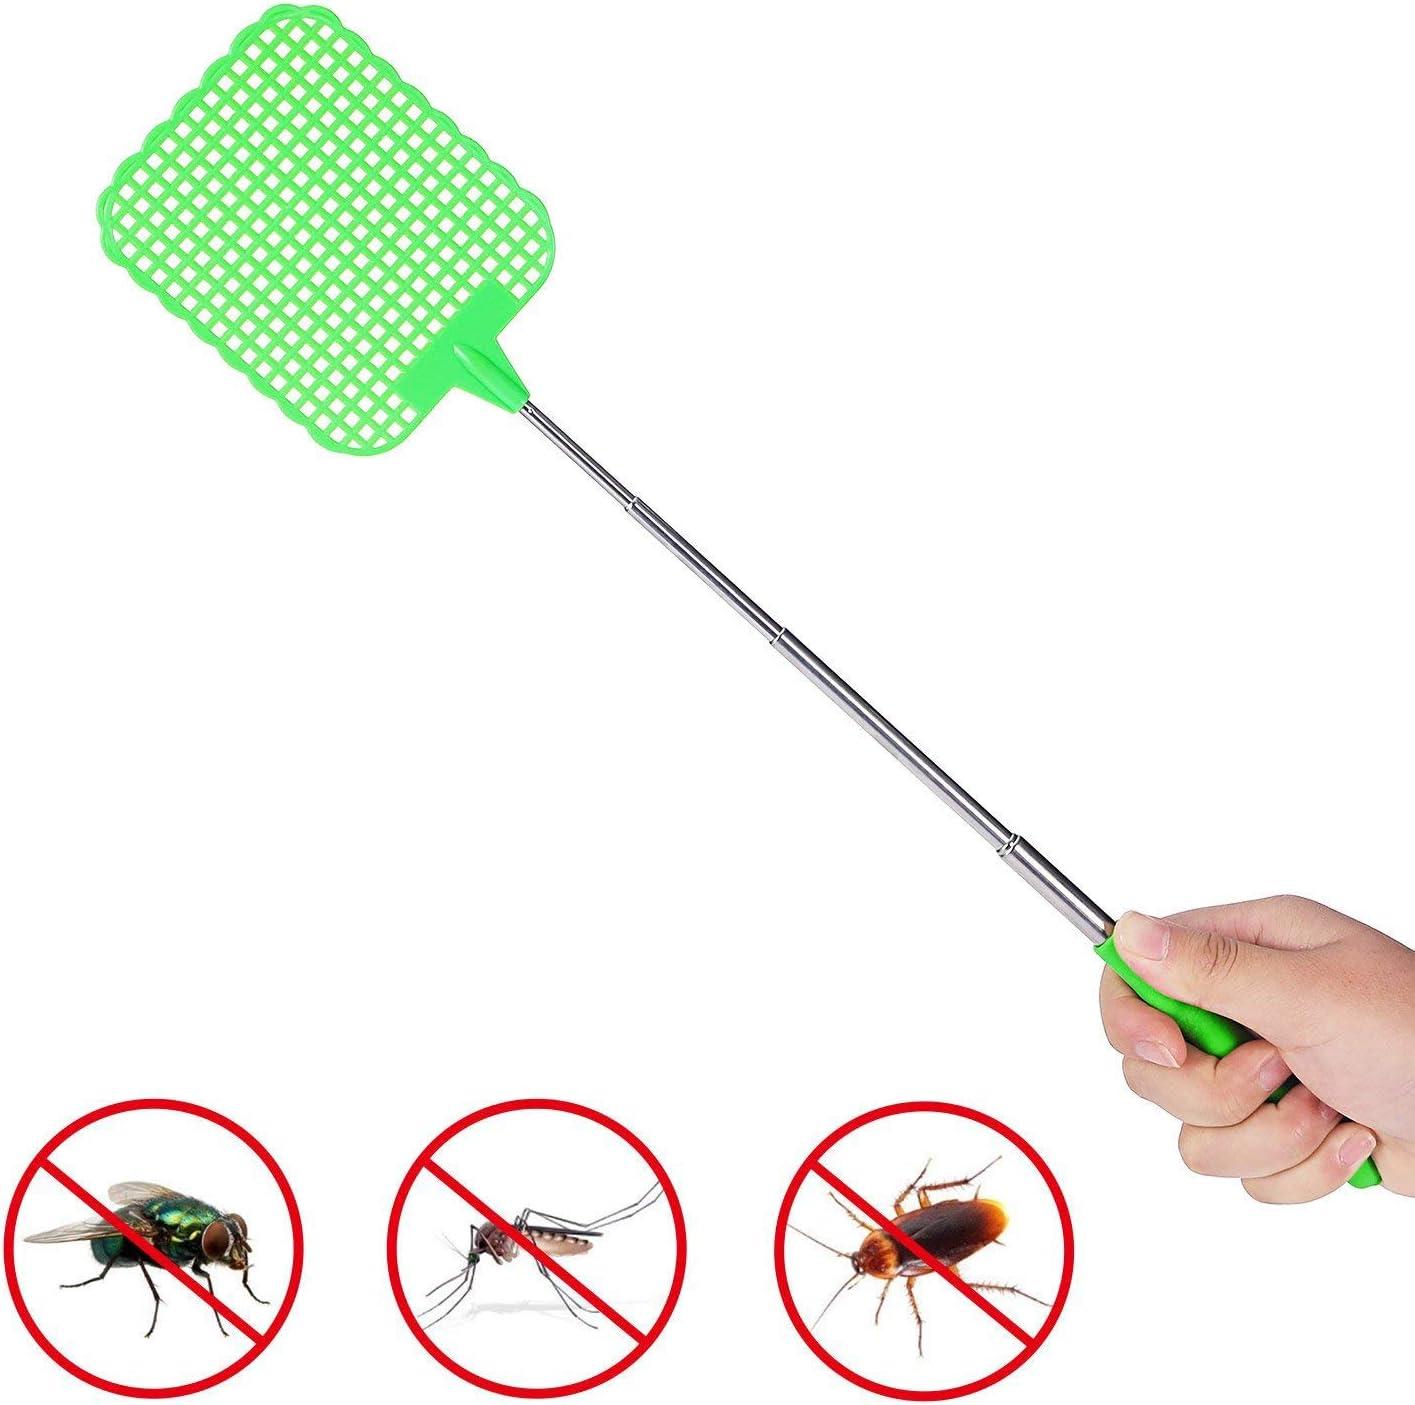 6 Colores Matamoscas Extensible Grande Mosquitos e Insectos Repelente de Mosquitos protecci/ón contra Moscas N 6 Piezas Matamoscas plastico